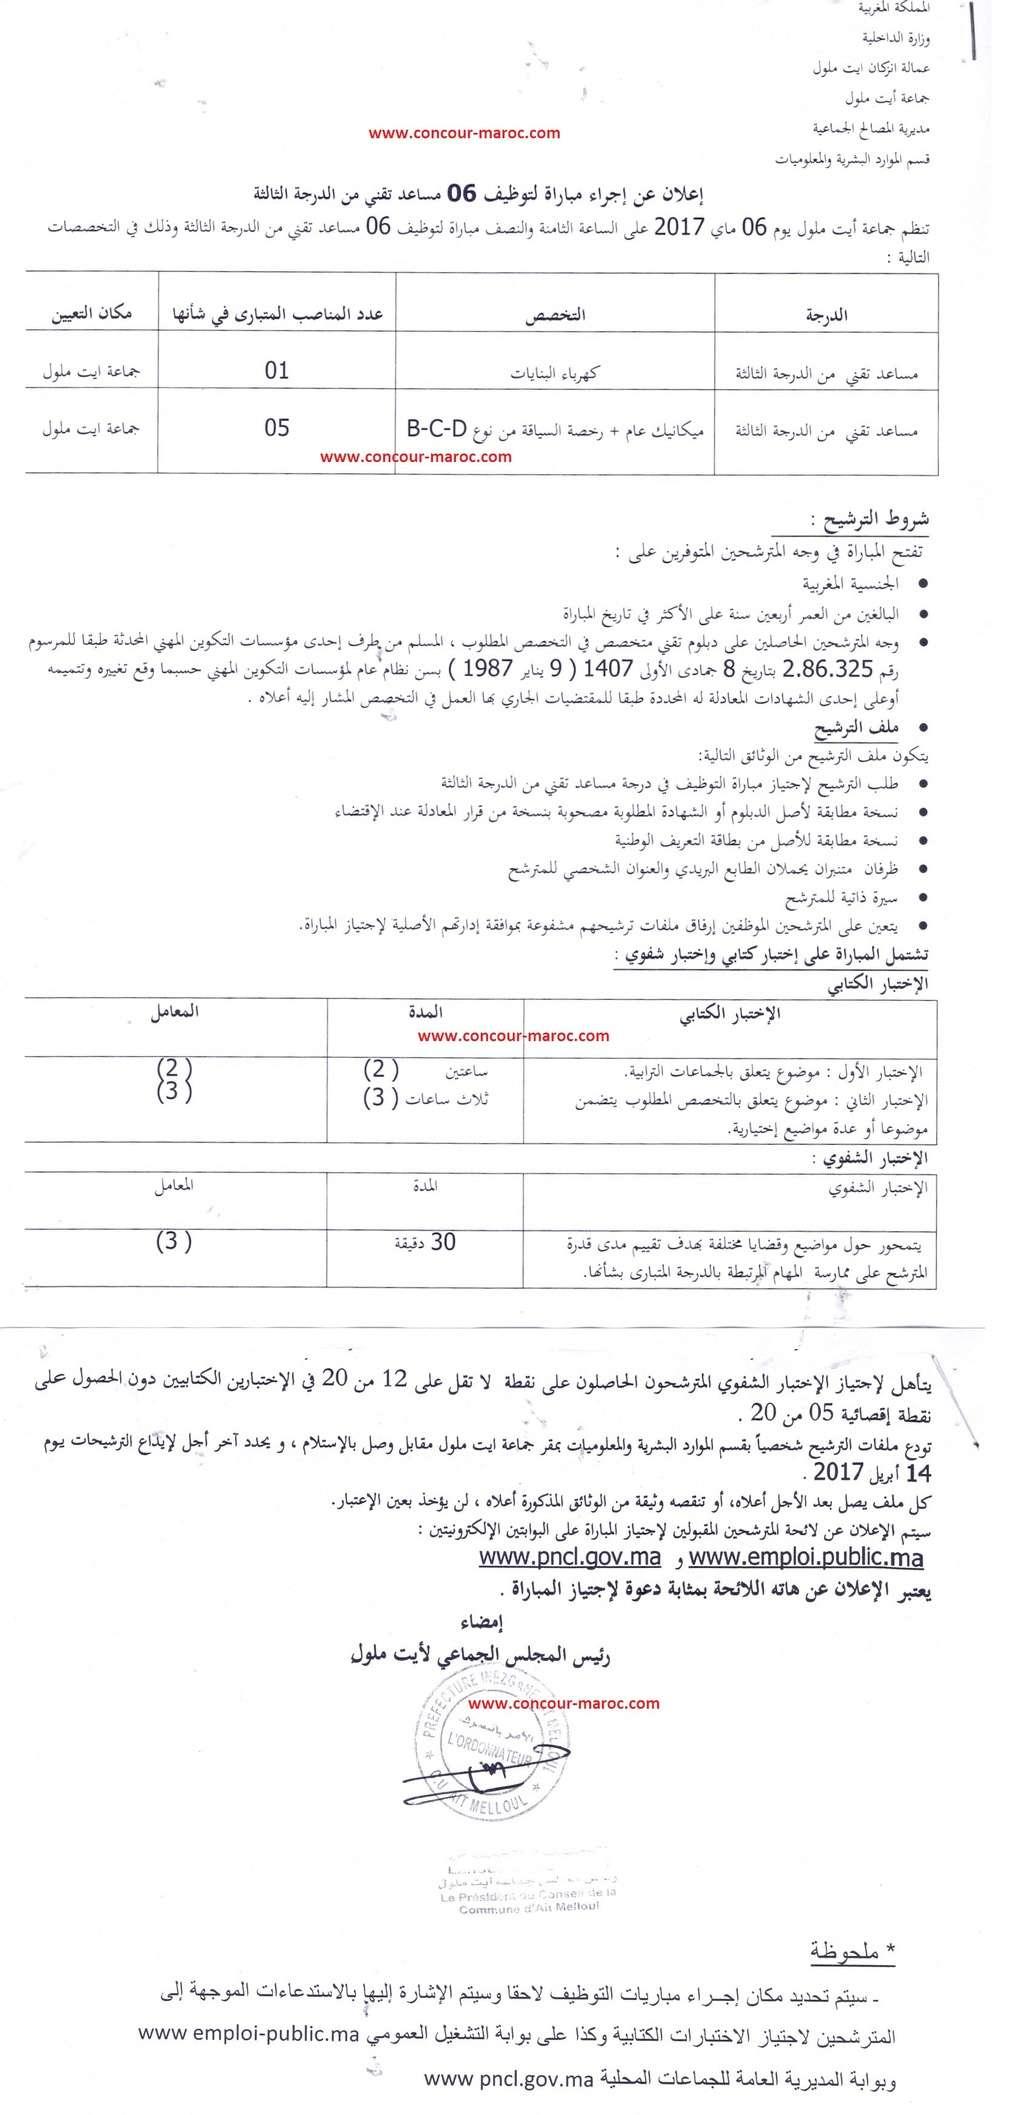 الجماعة الحضرية أيت ملول (إقليم إنزكان أيت ملول ) : مباراة للتوظيف في مختلف الدرجات (25 منصب) آخر أجل لإيداع الترشيحات 14 ابريل 2017 Concou62